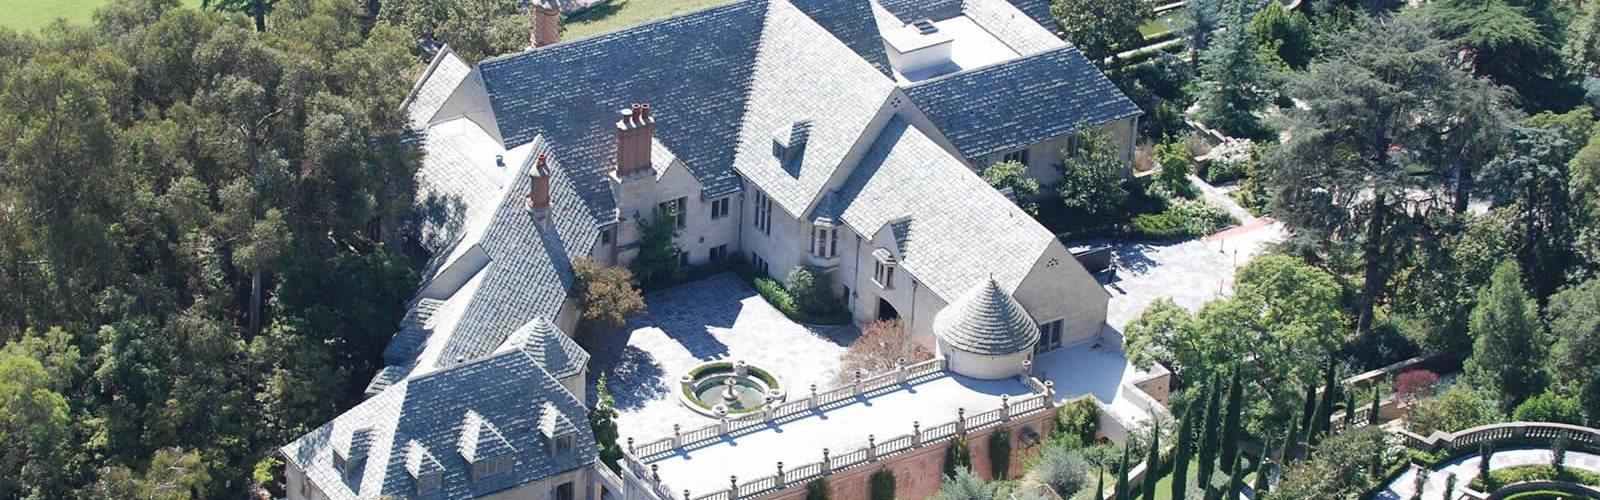 greystone-mansion-gothique-monument-historique-feuilletons-tv-los-angeles-une